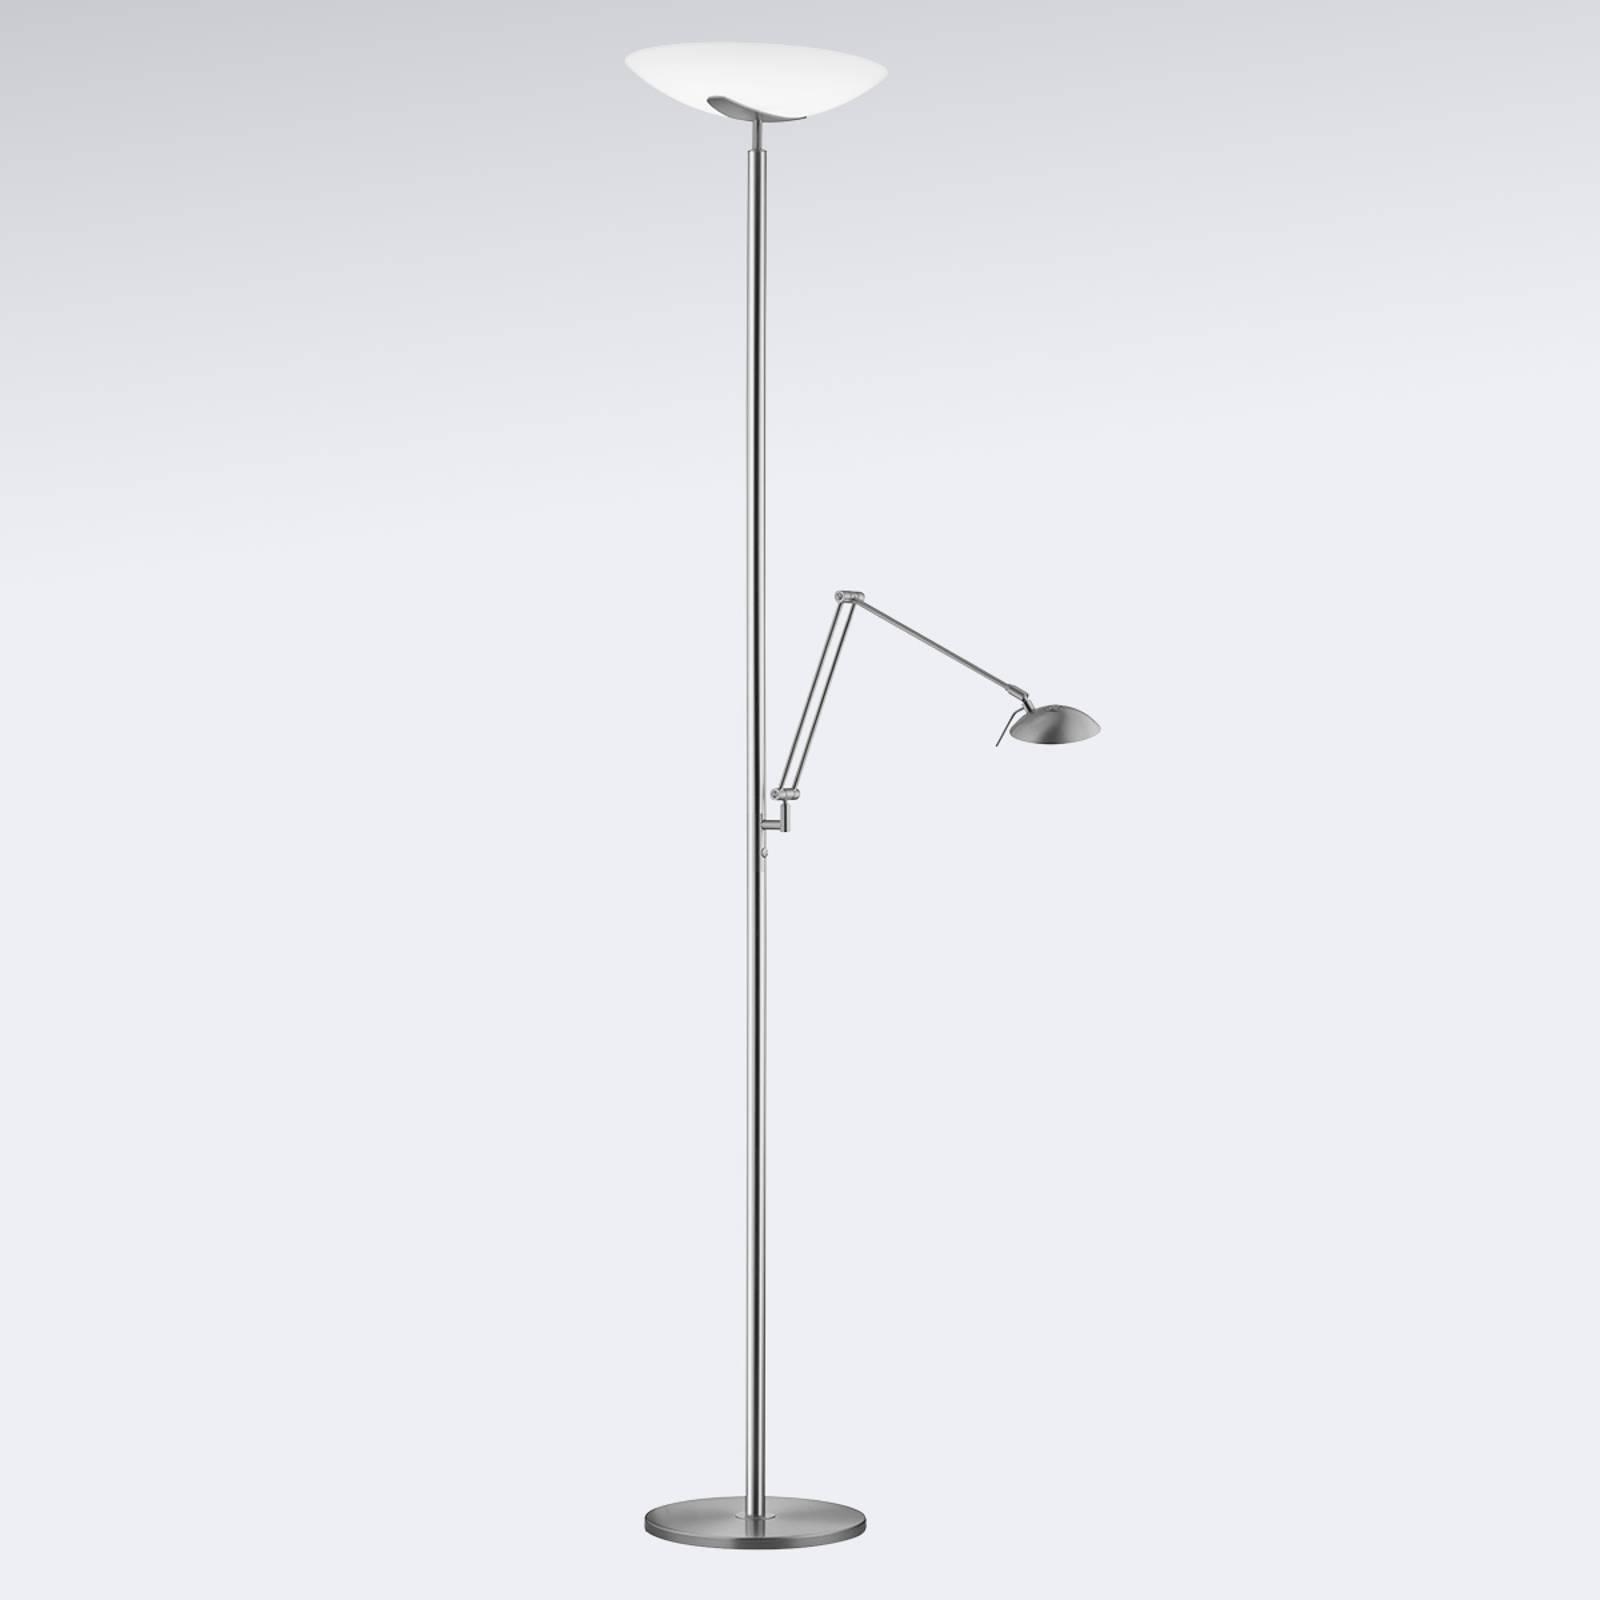 Ylöspäin suunnattu LED-valaisin Lya nikkeli/kromi